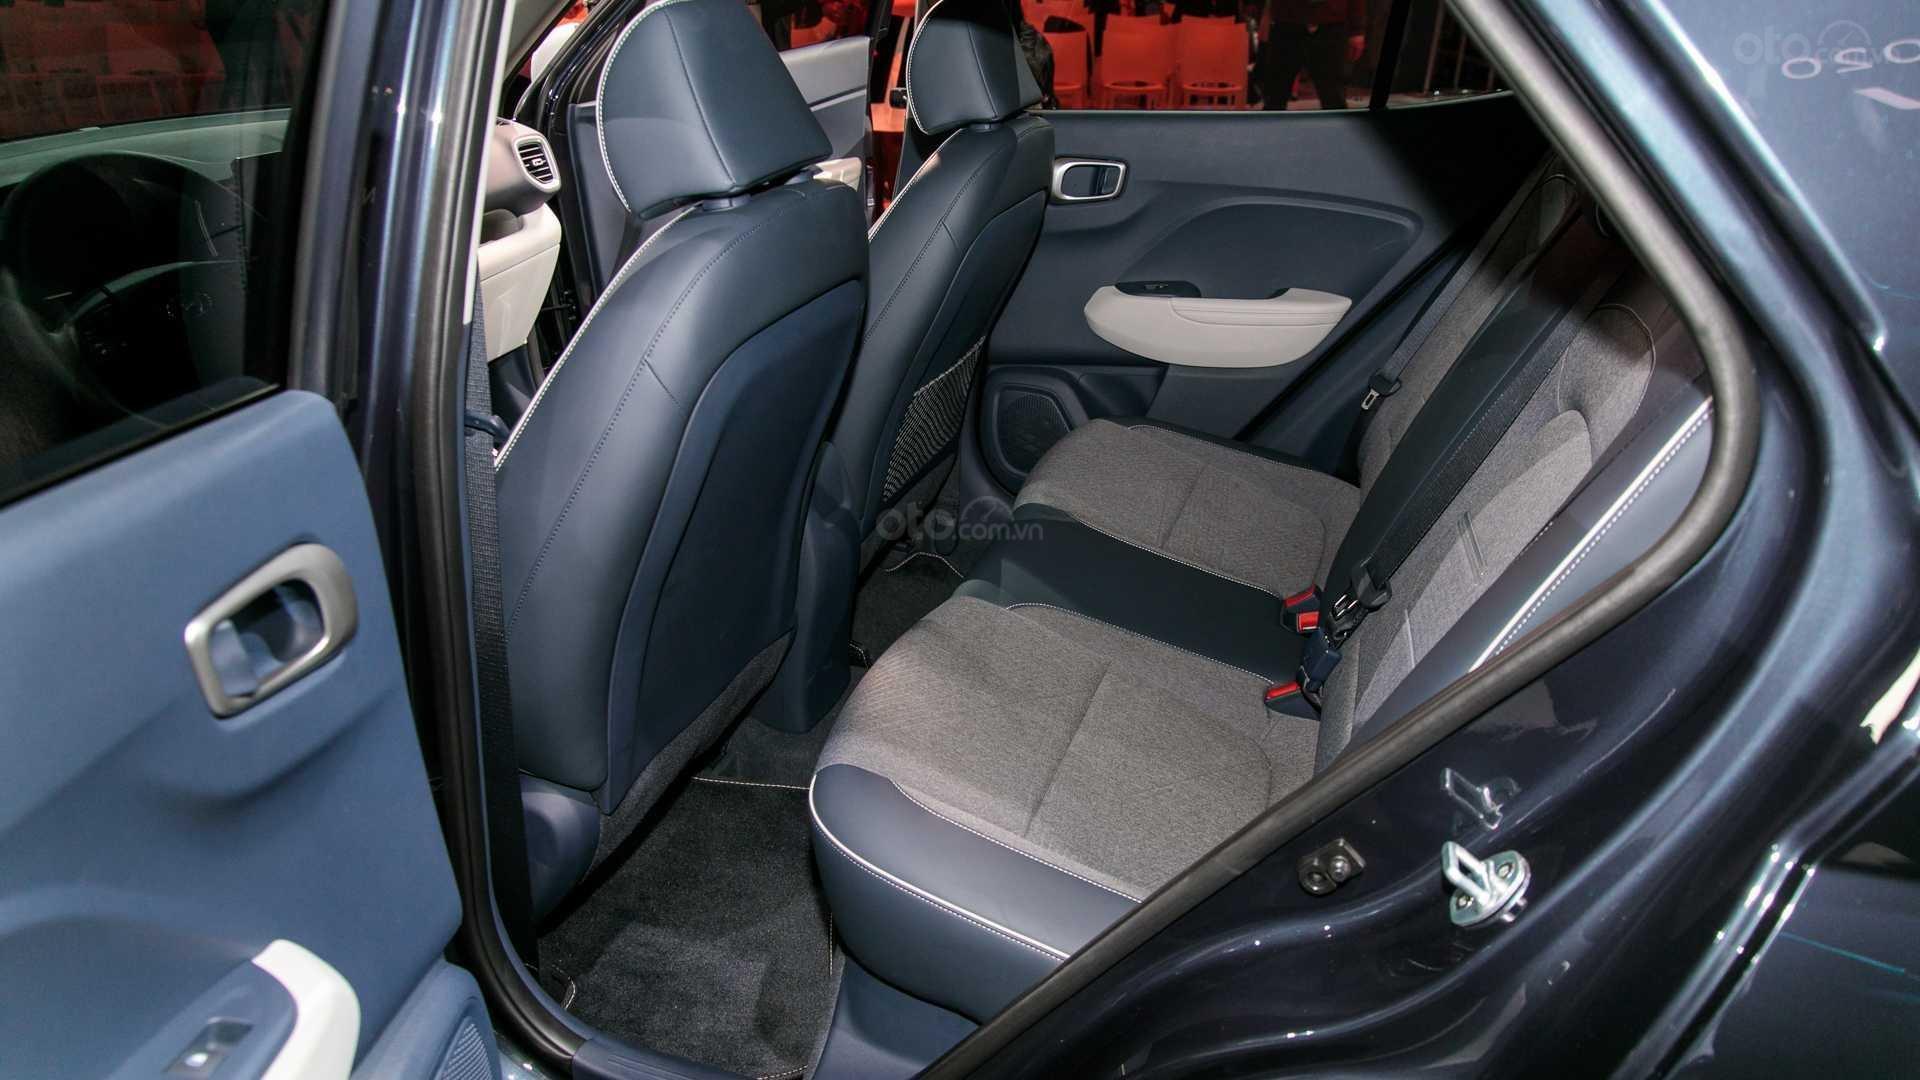 Đánh giá Hyundai Venue 2020 - ghế ngồi